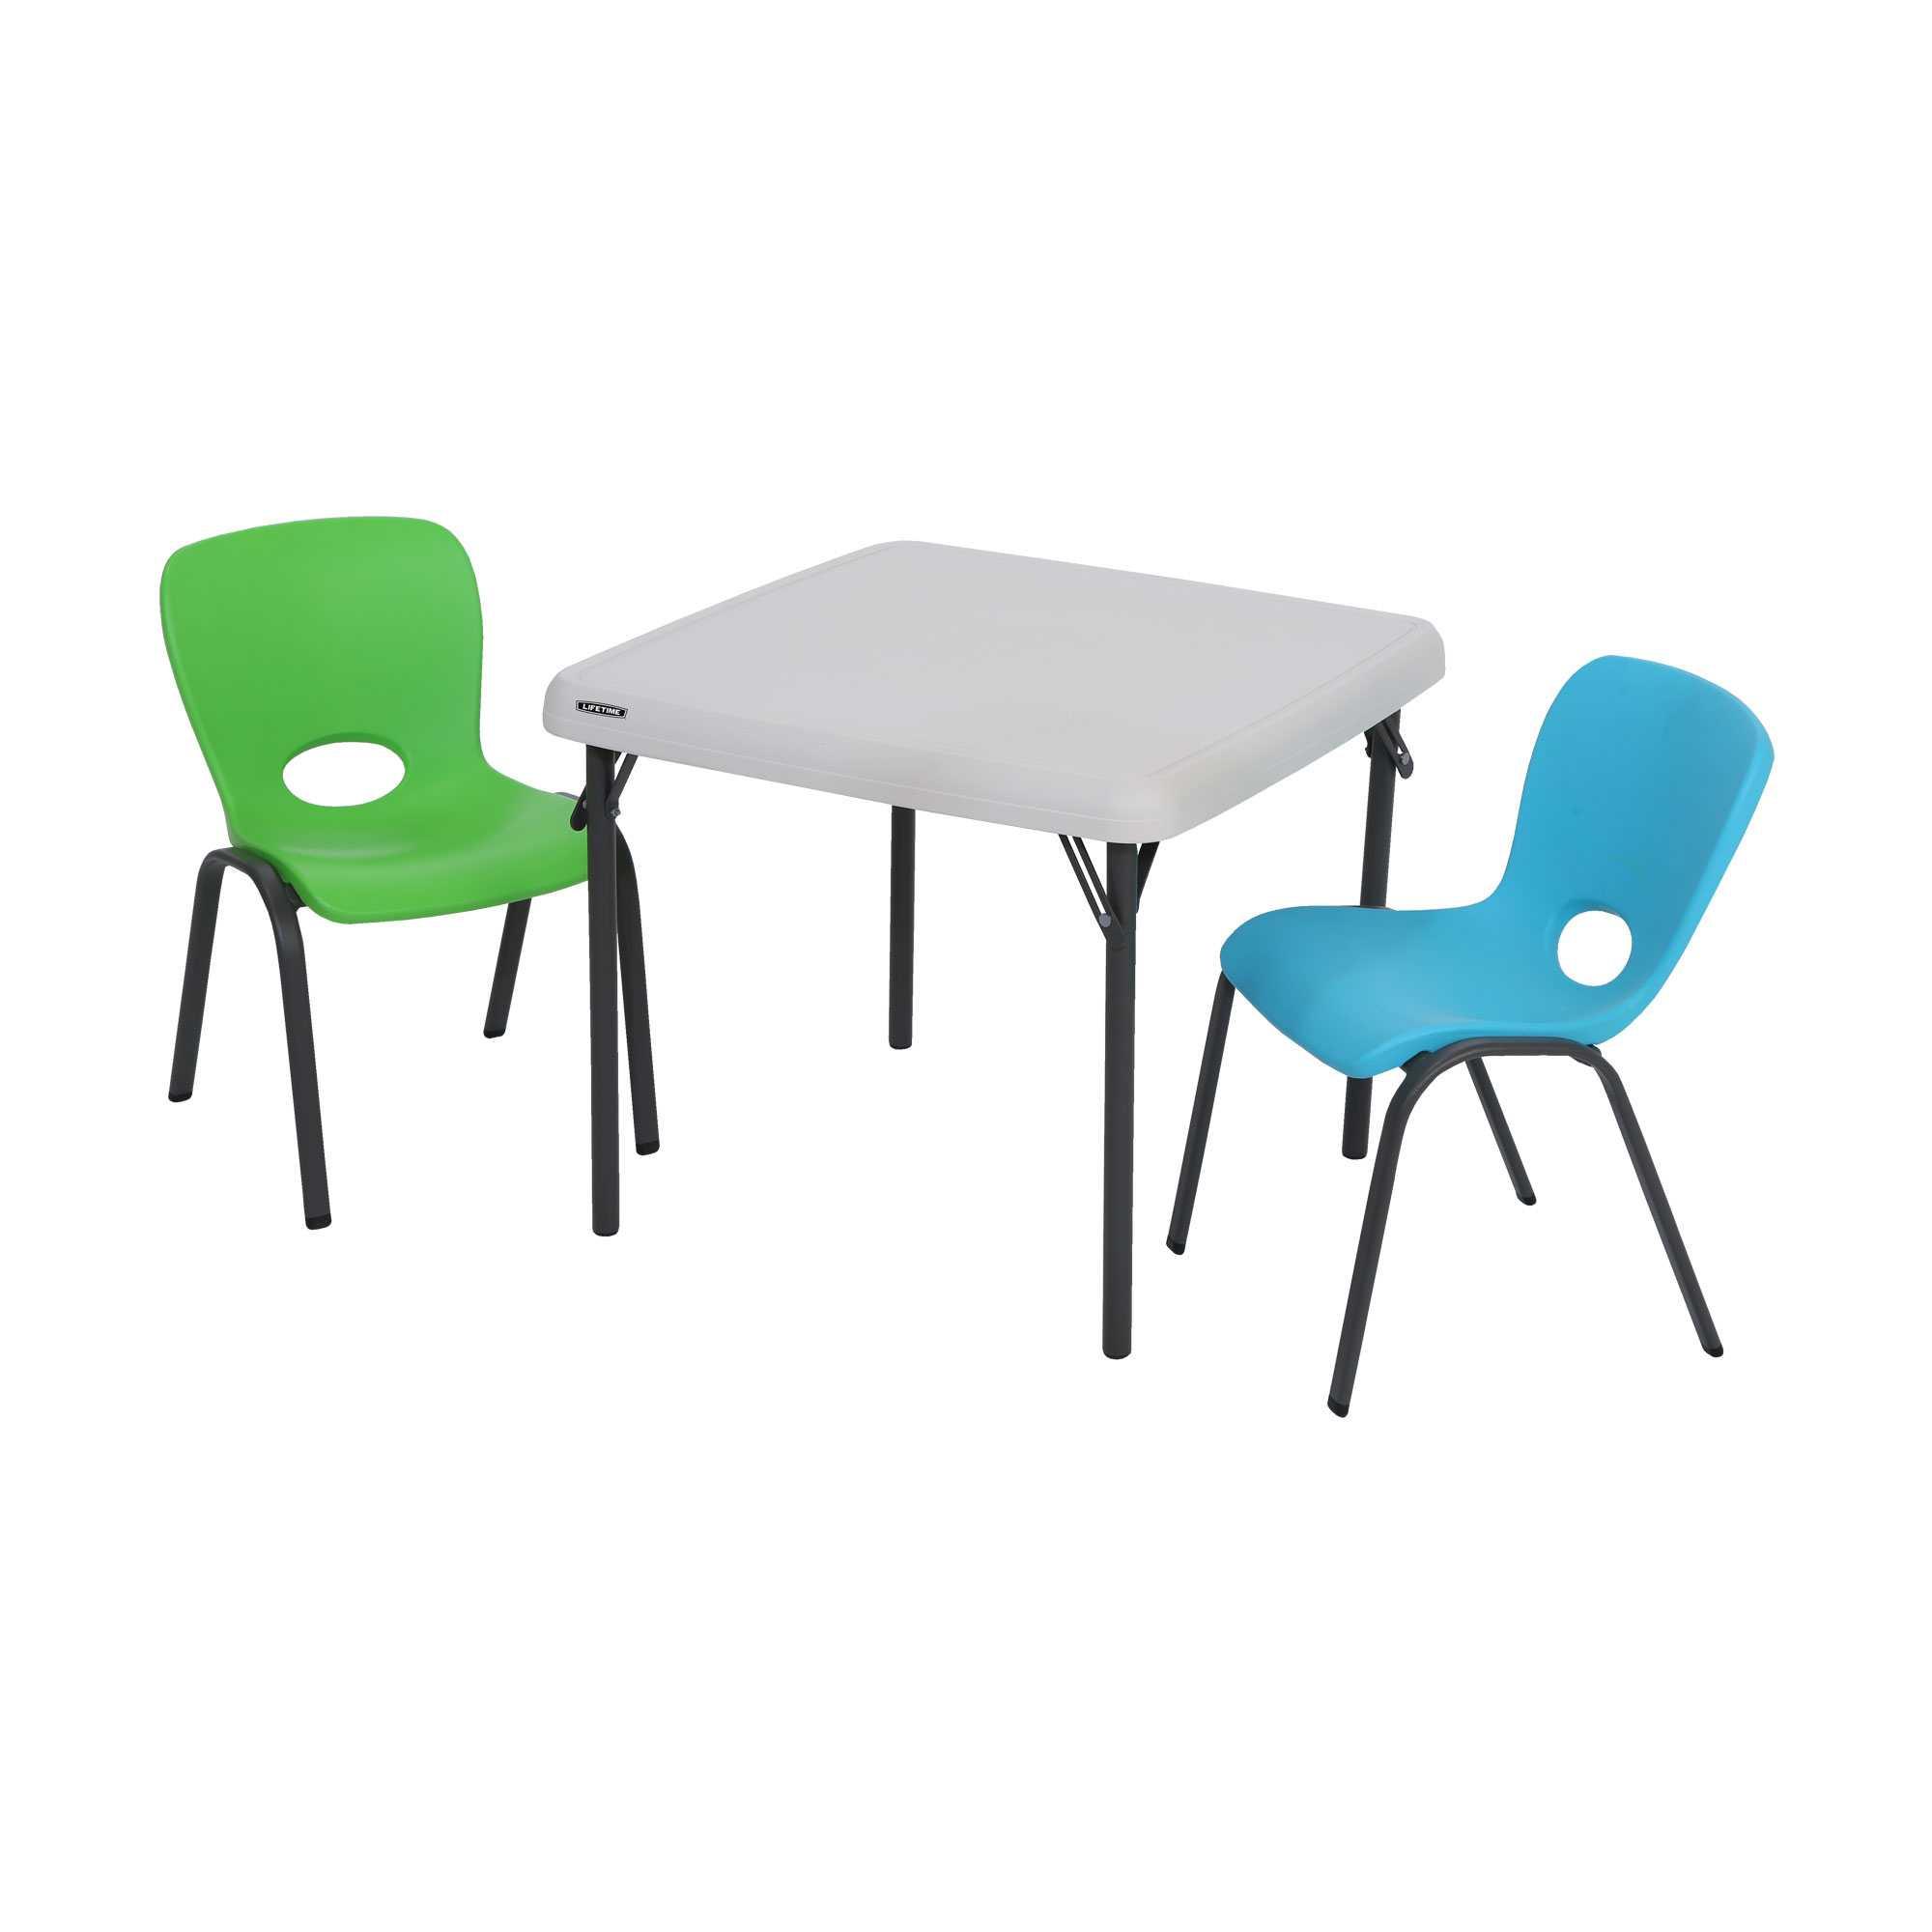 chaise enfant empilable bleu glacier chaise pliante et. Black Bedroom Furniture Sets. Home Design Ideas